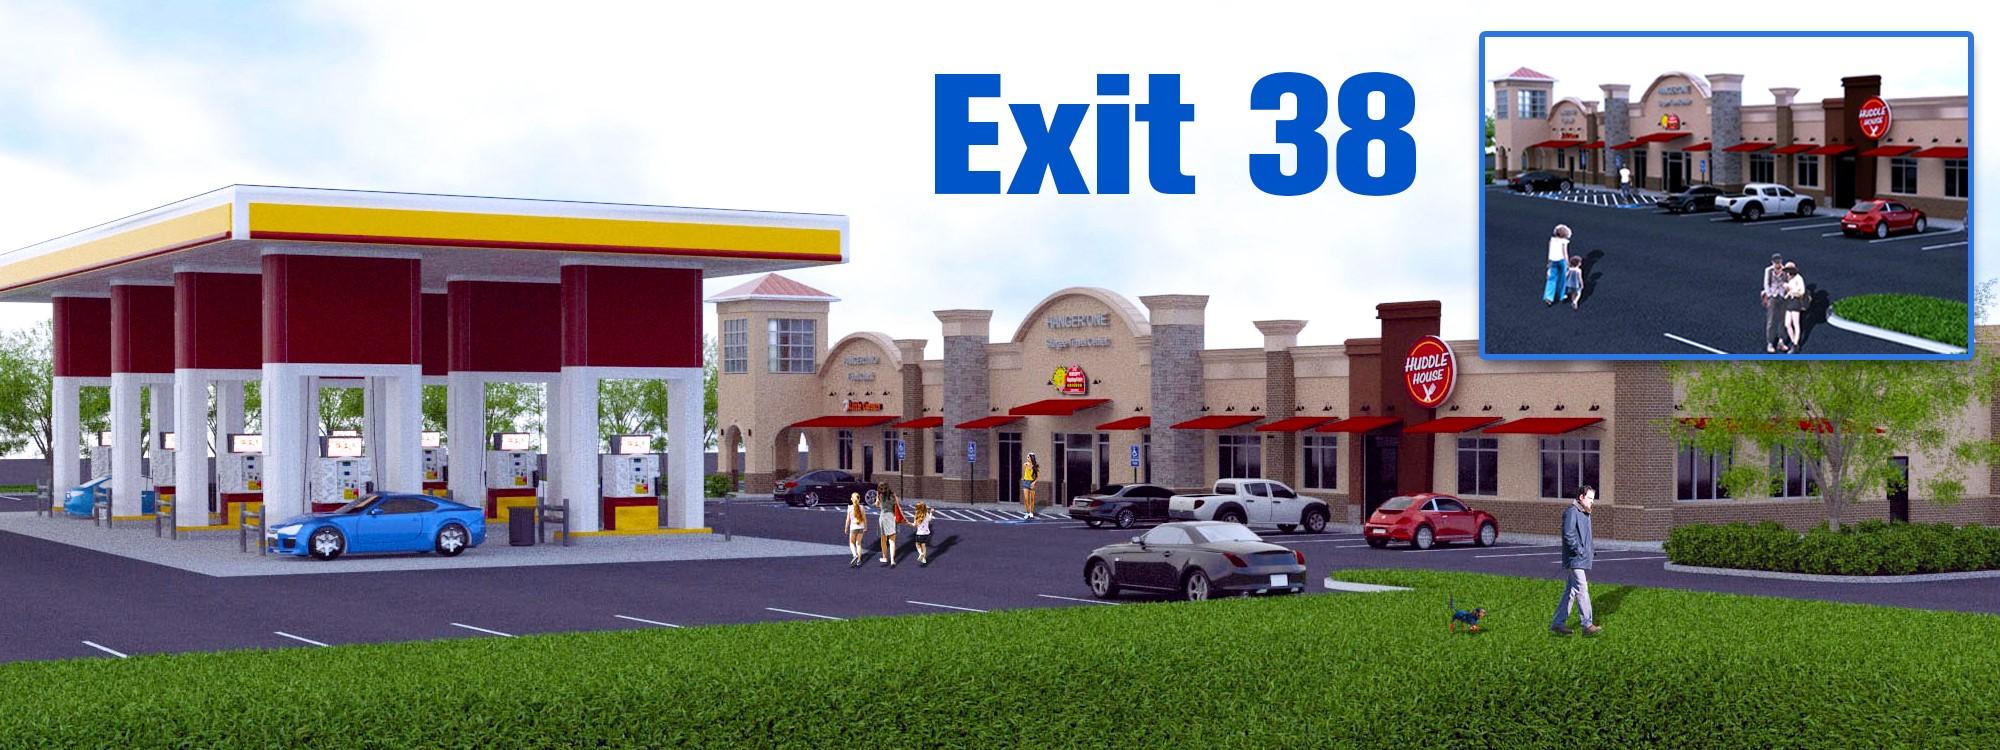 exit38Slide